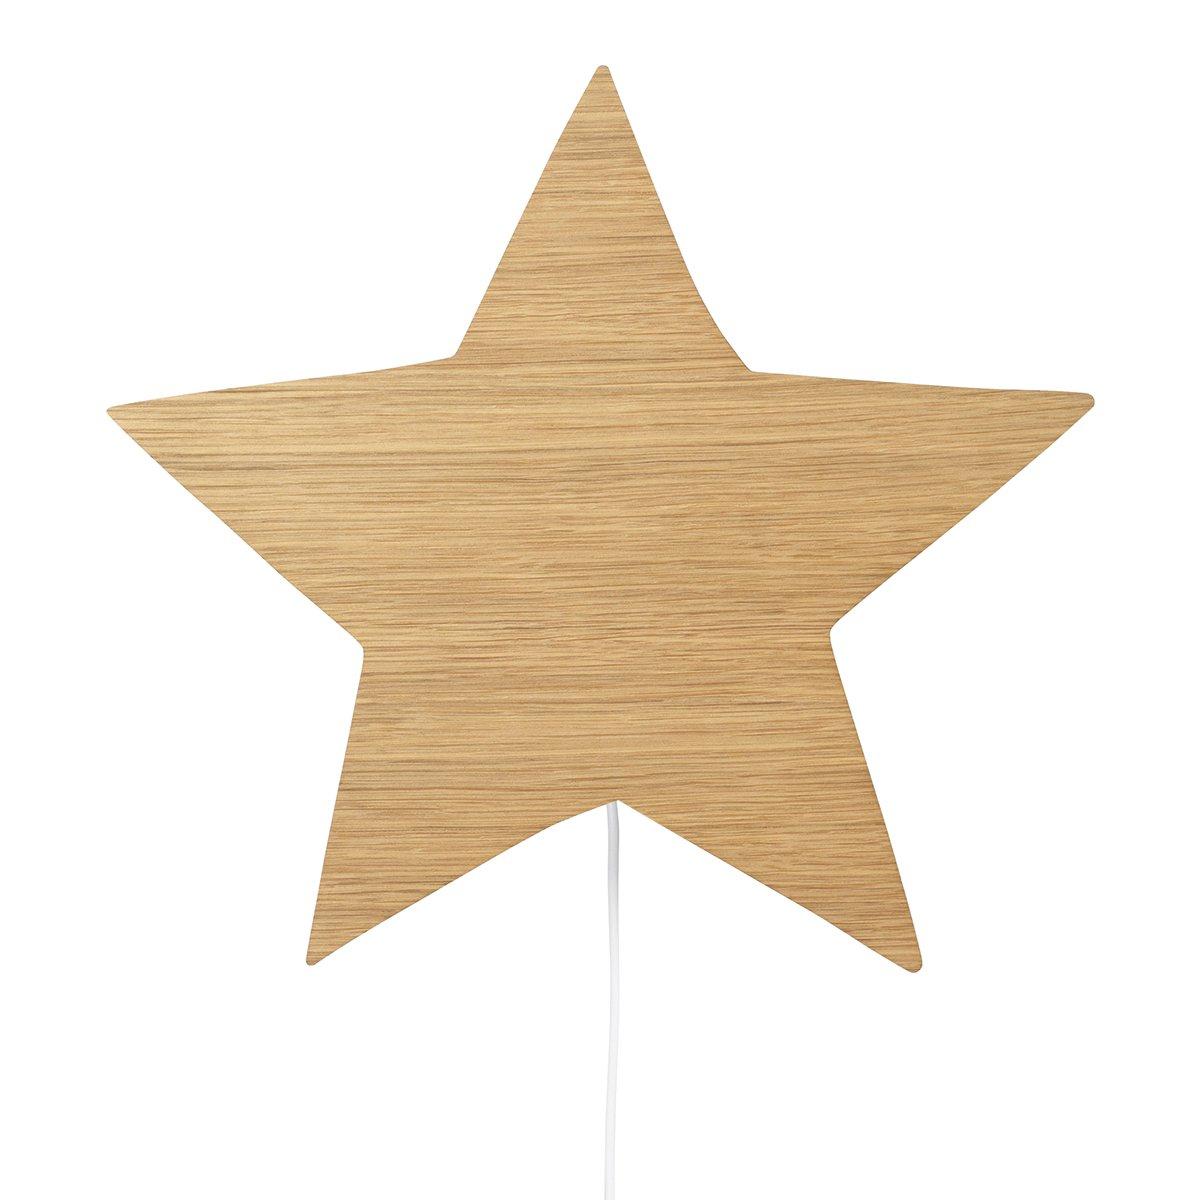 Ferm Living Star Wandlamp - Geolied Eiken